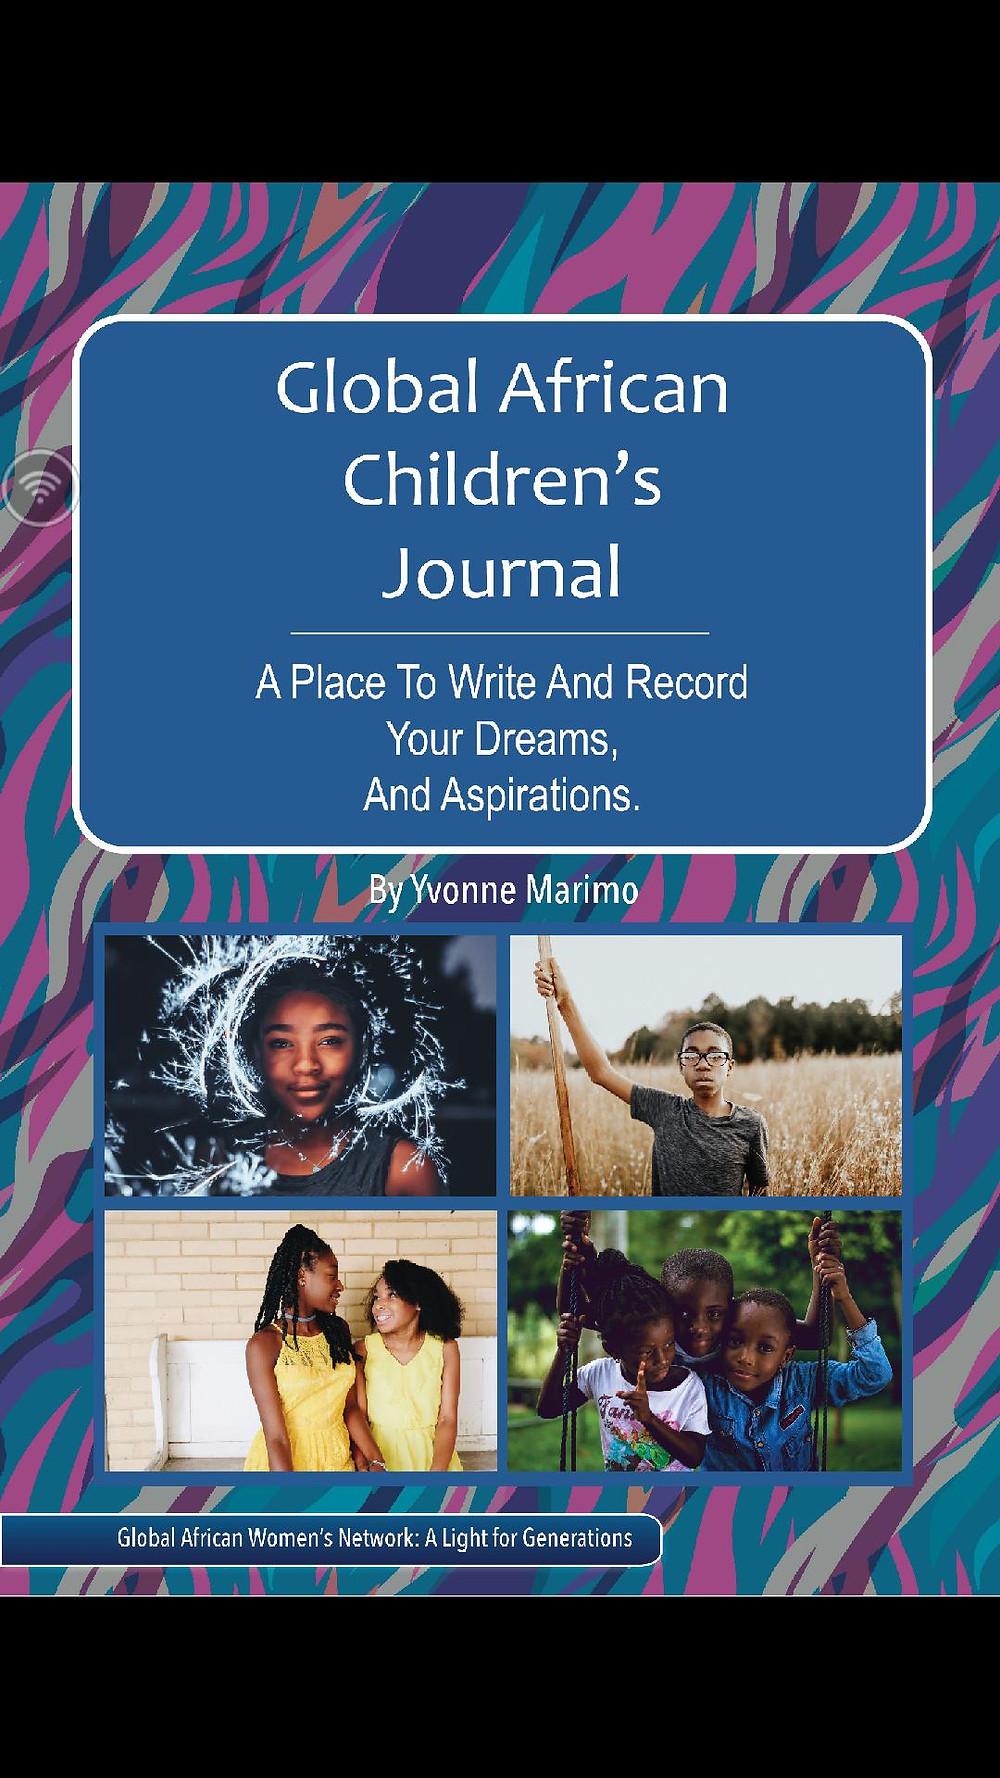 A Children's Journal for African children around the World